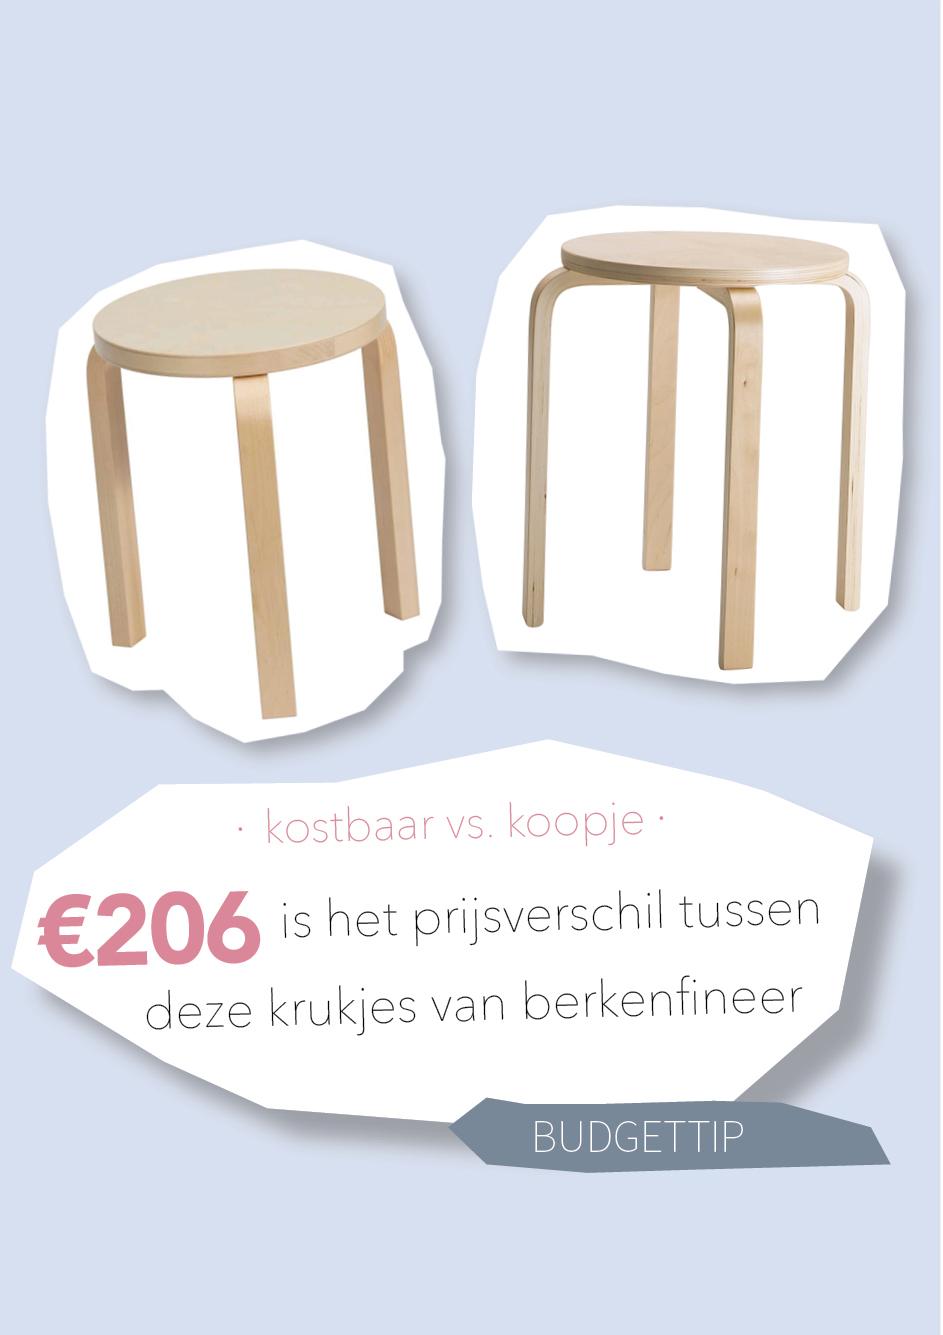 Kostbaar vs. koopje: het verschil tussen deze krukjes is €206